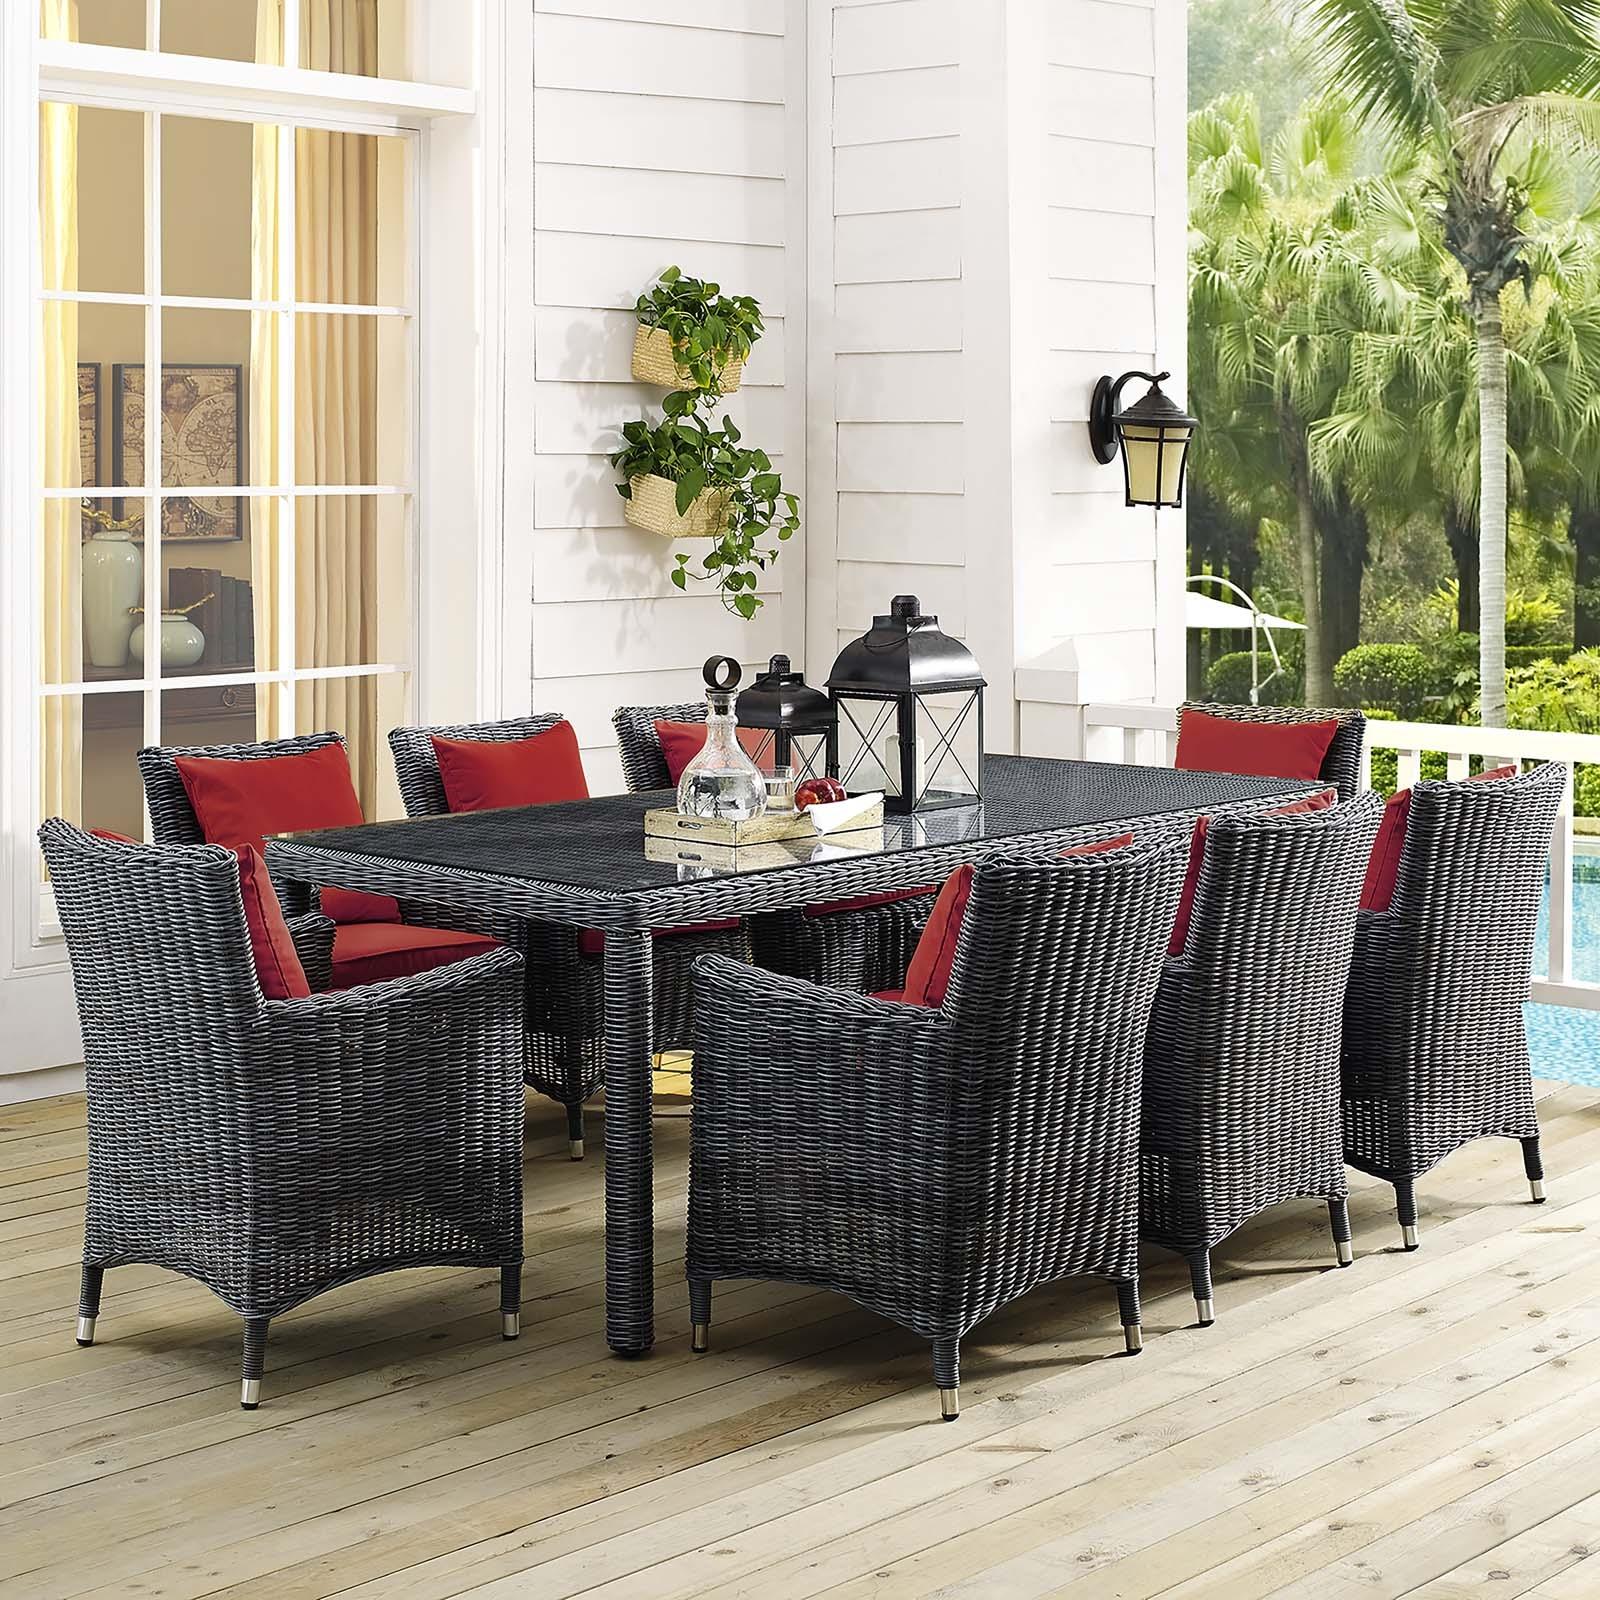 Summon 9 Piece Outdoor Patio Sunbrella® Dining Set in Canvas Red